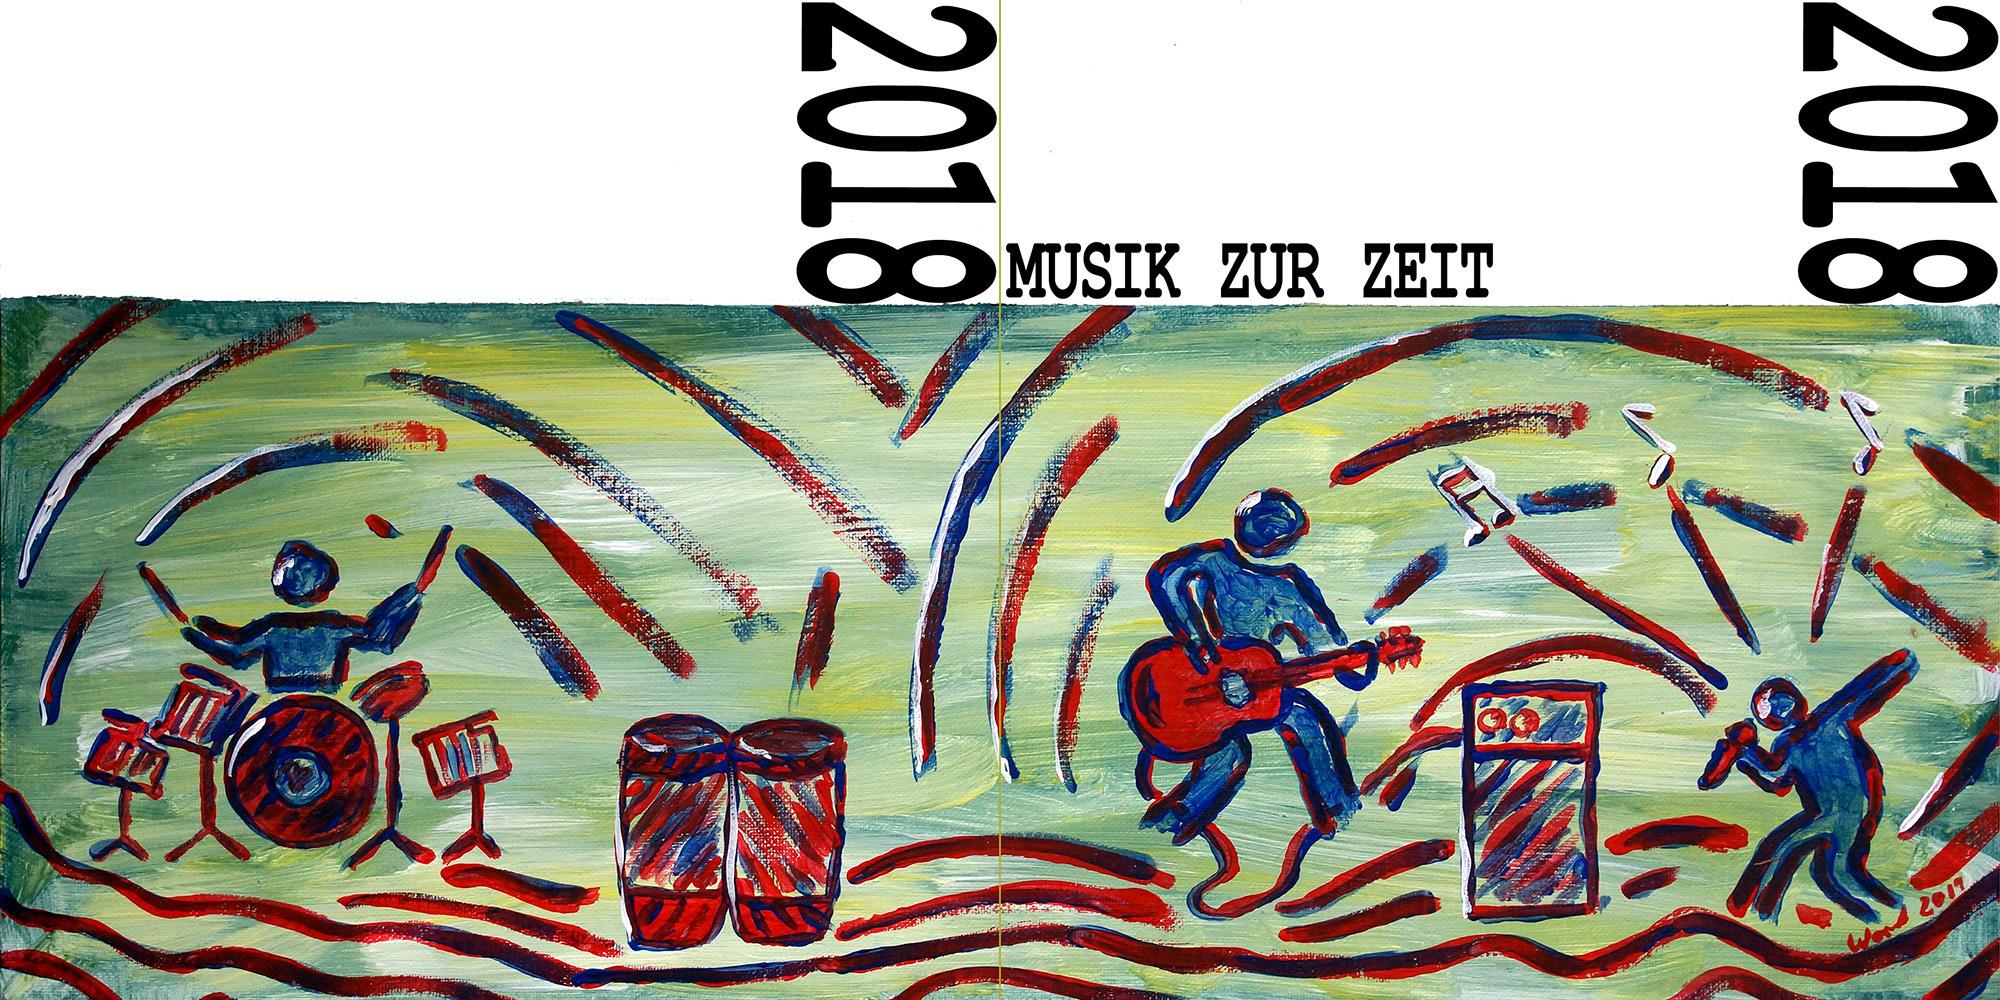 Musik zur Zeit – CD-Cover: Front- und Rückseite (2018)